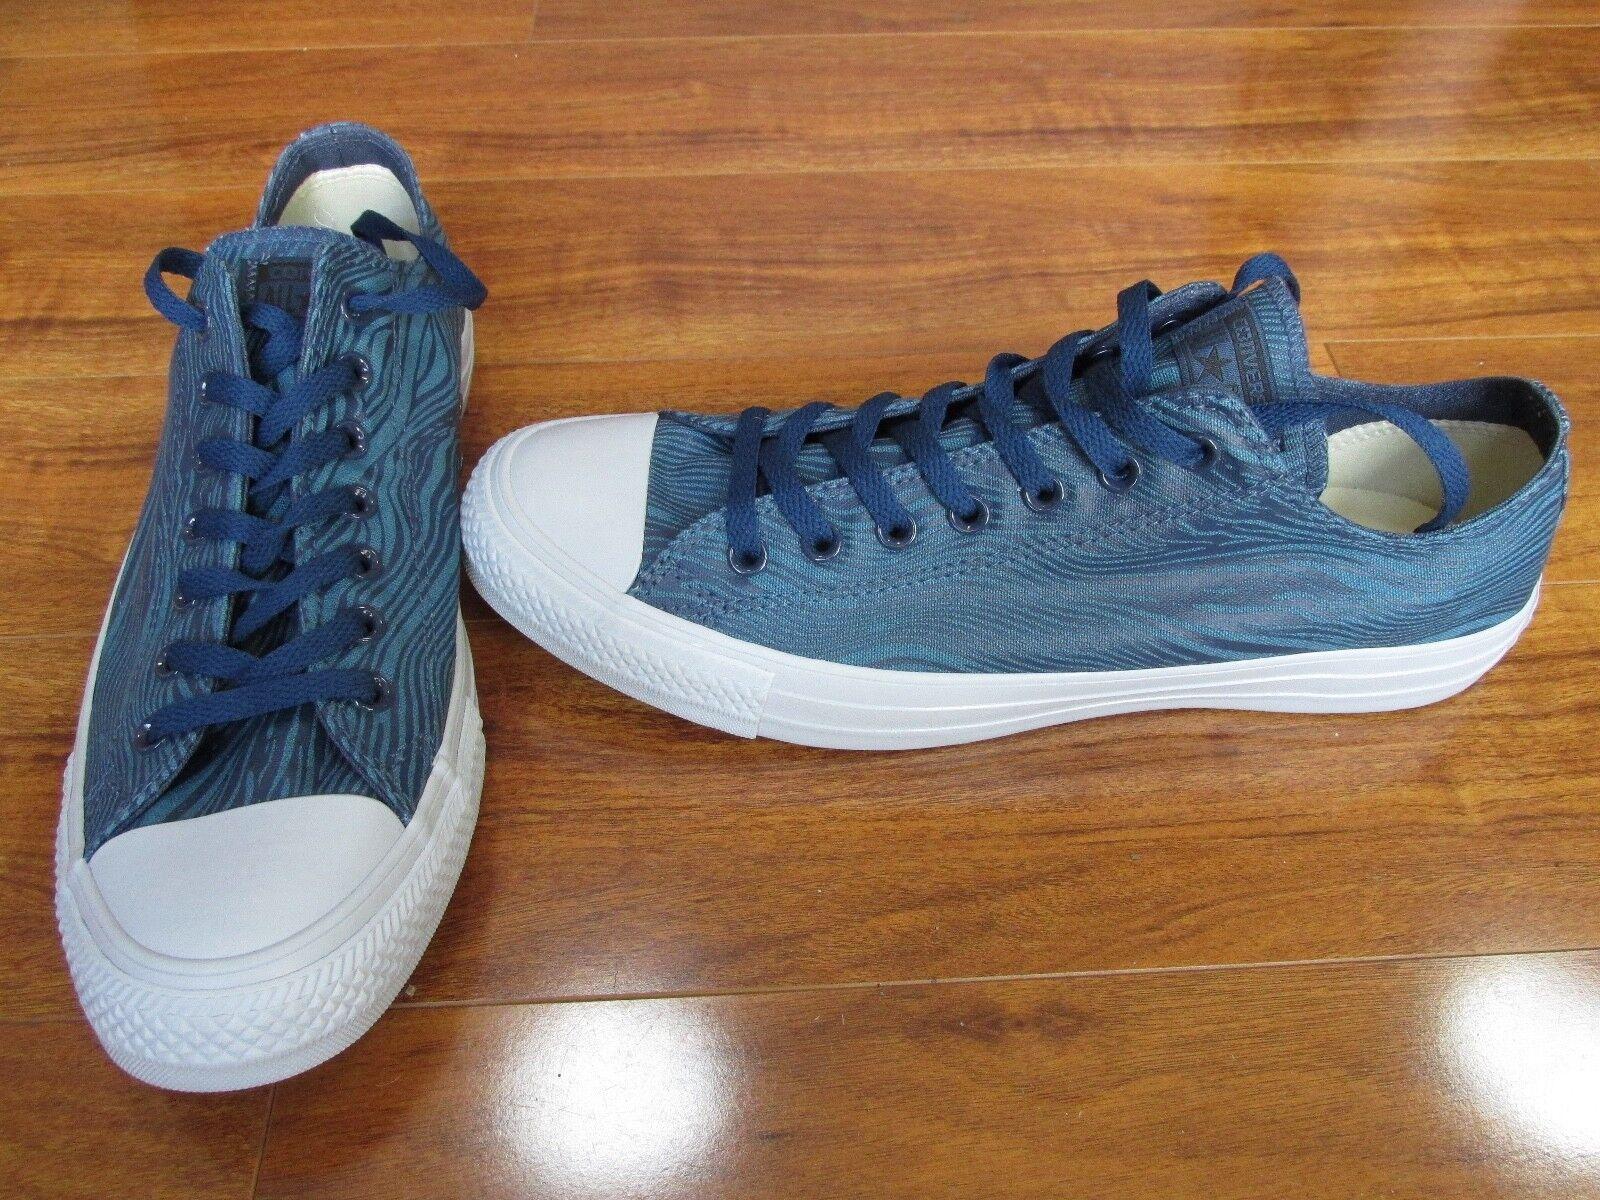 d4302164e93acd NEW Converse Custom Chuck Taylor All Star Shoes Mens Mens Mens SZ 11.5 BLUE  885247 23d30b